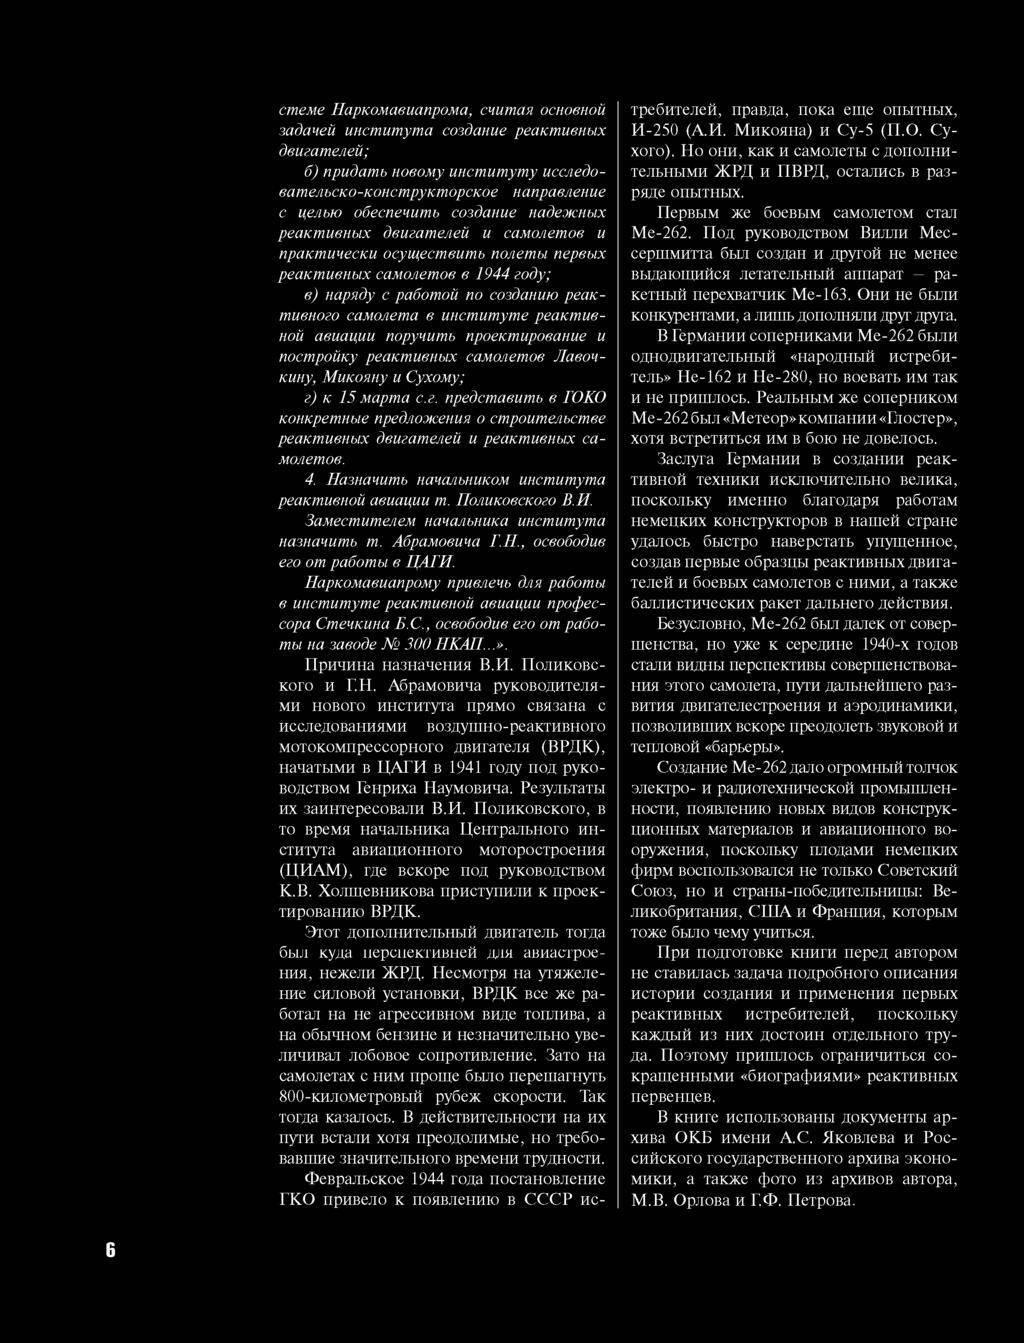 Семь малоизвестных и интересных фактов о болтах. История. Основные виды болтов